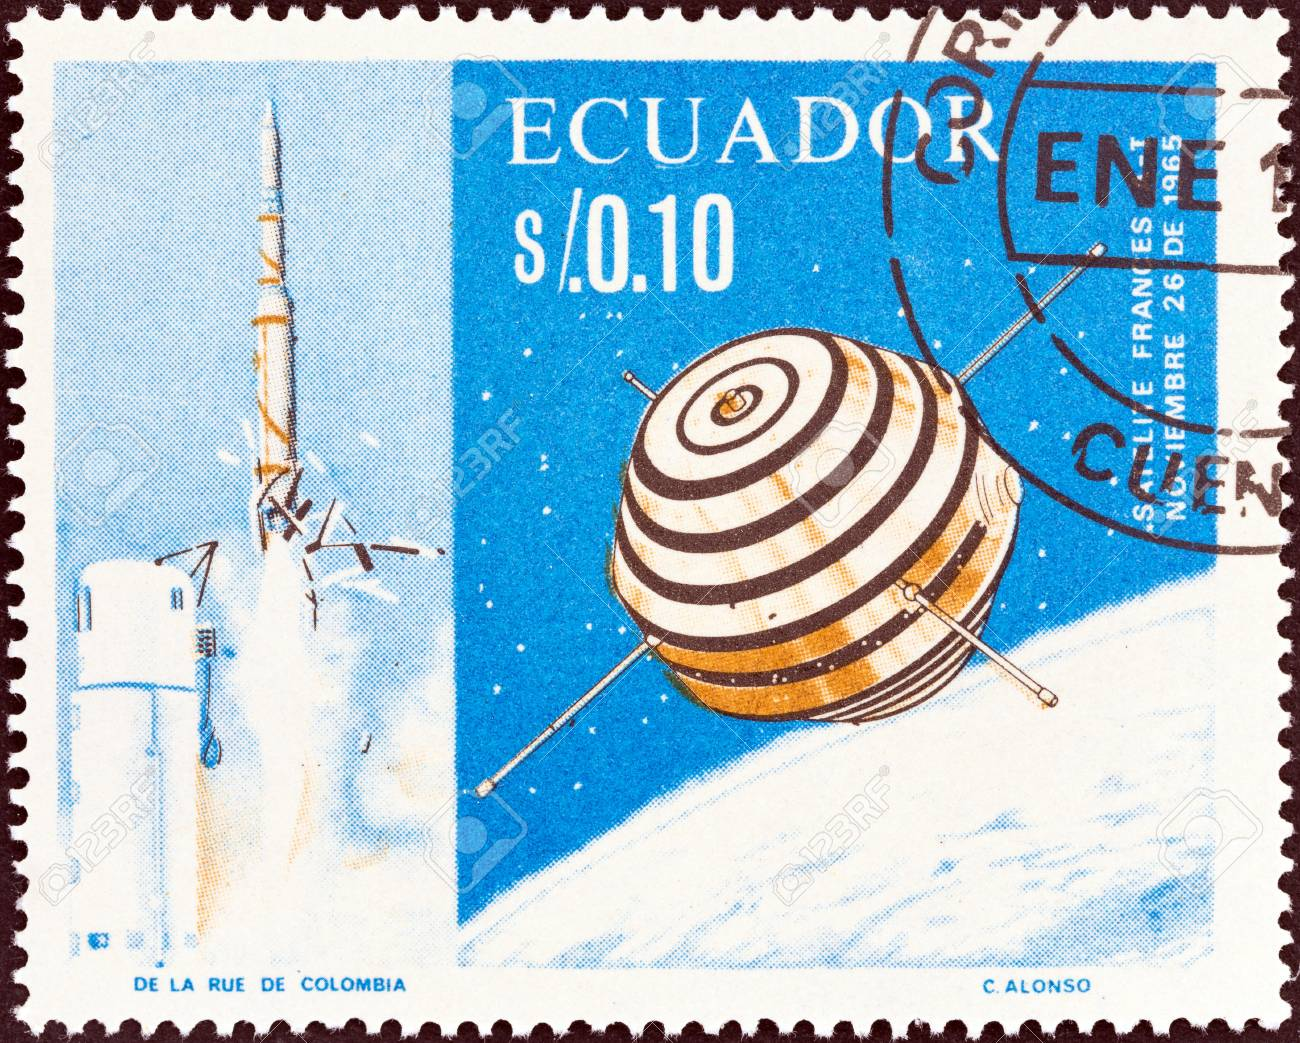 ECUADOR - CIRCA 1966: A stamp printed in Ecuador shows the first French satellite A-1 (Asterix), circa 1966. - 35729150